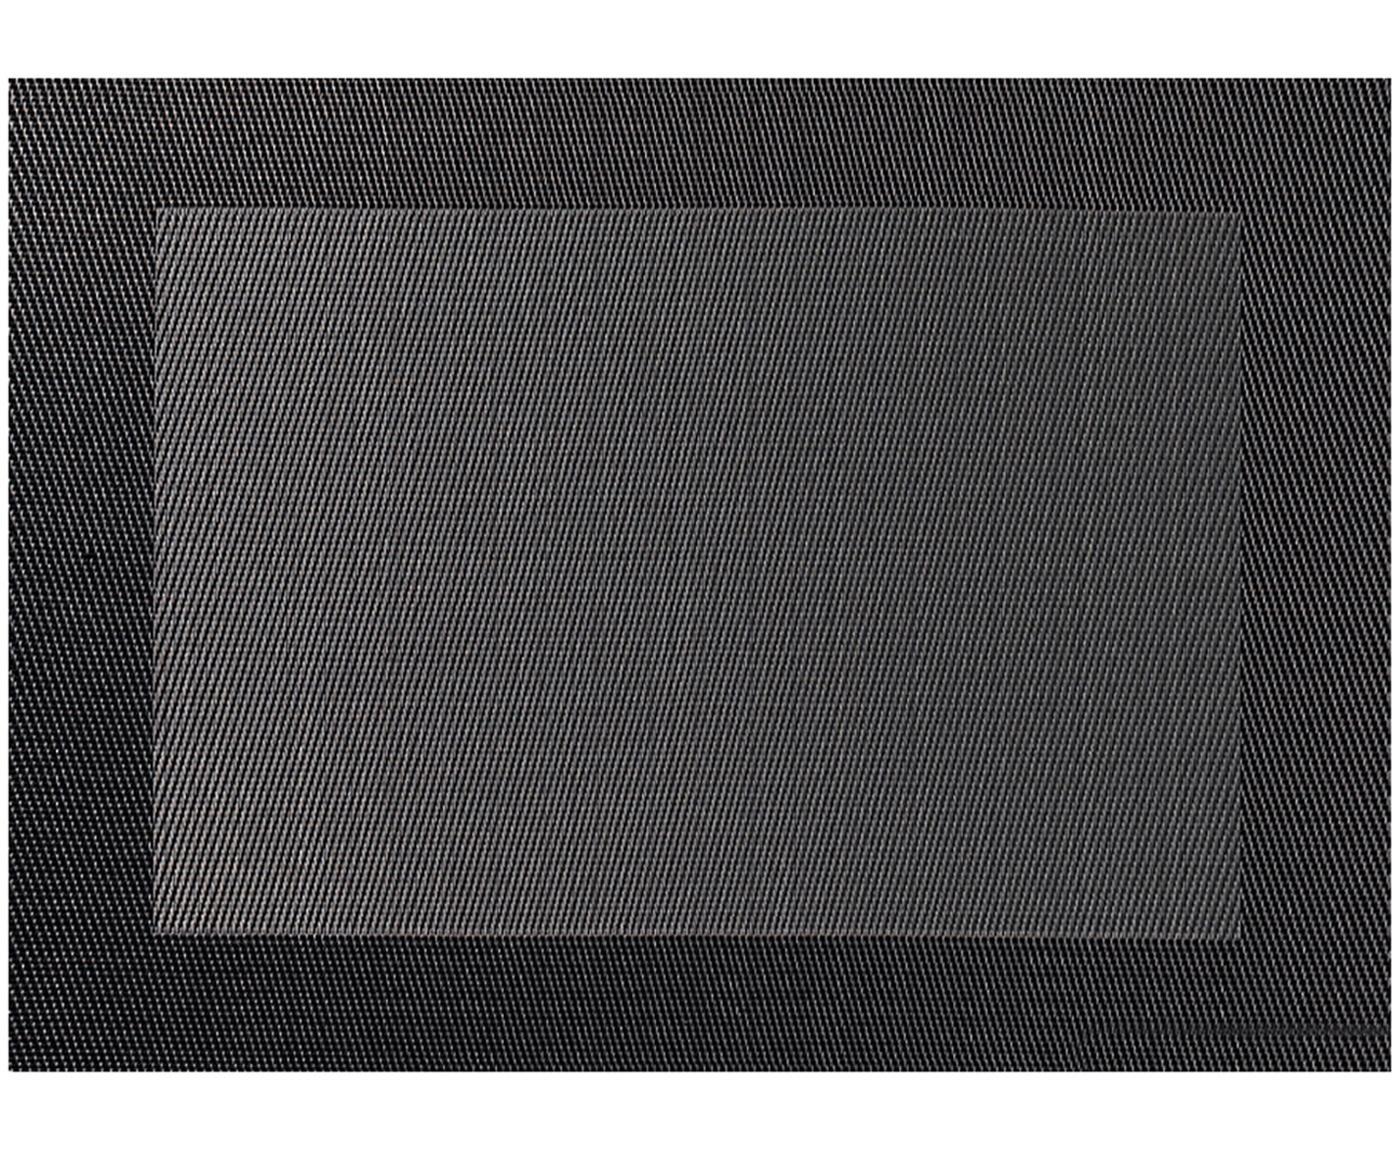 Tovaglietta americana in materiale sintetico Trefl 2 pz, Materiale sintetico (PVC), Grigio scuro, antracite, Larg. 33 x Lung. 46 cm